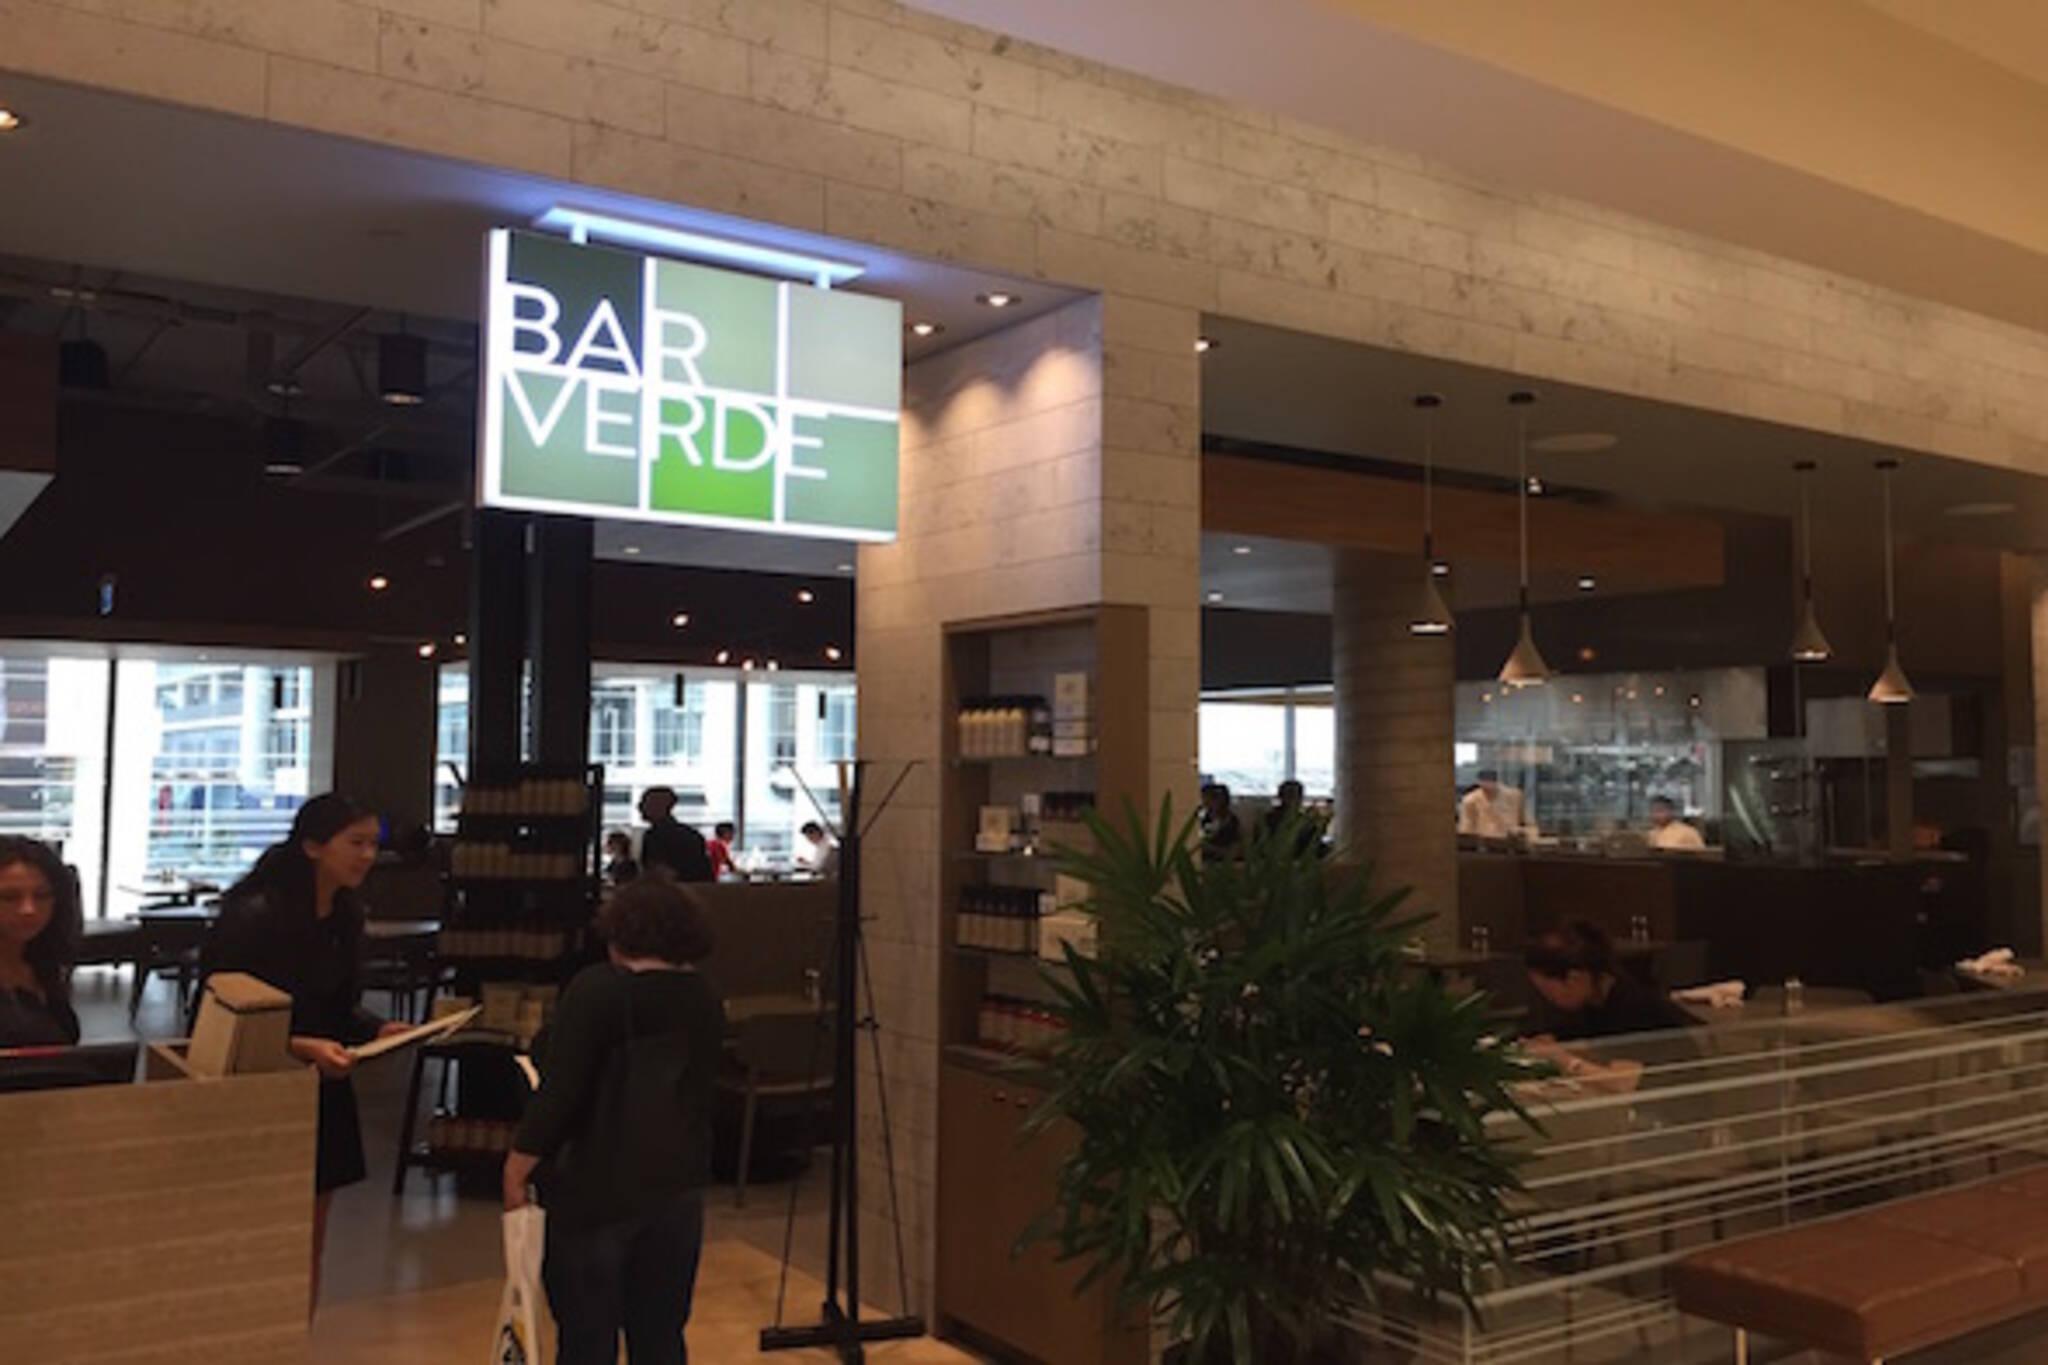 Bar Verde Toronto